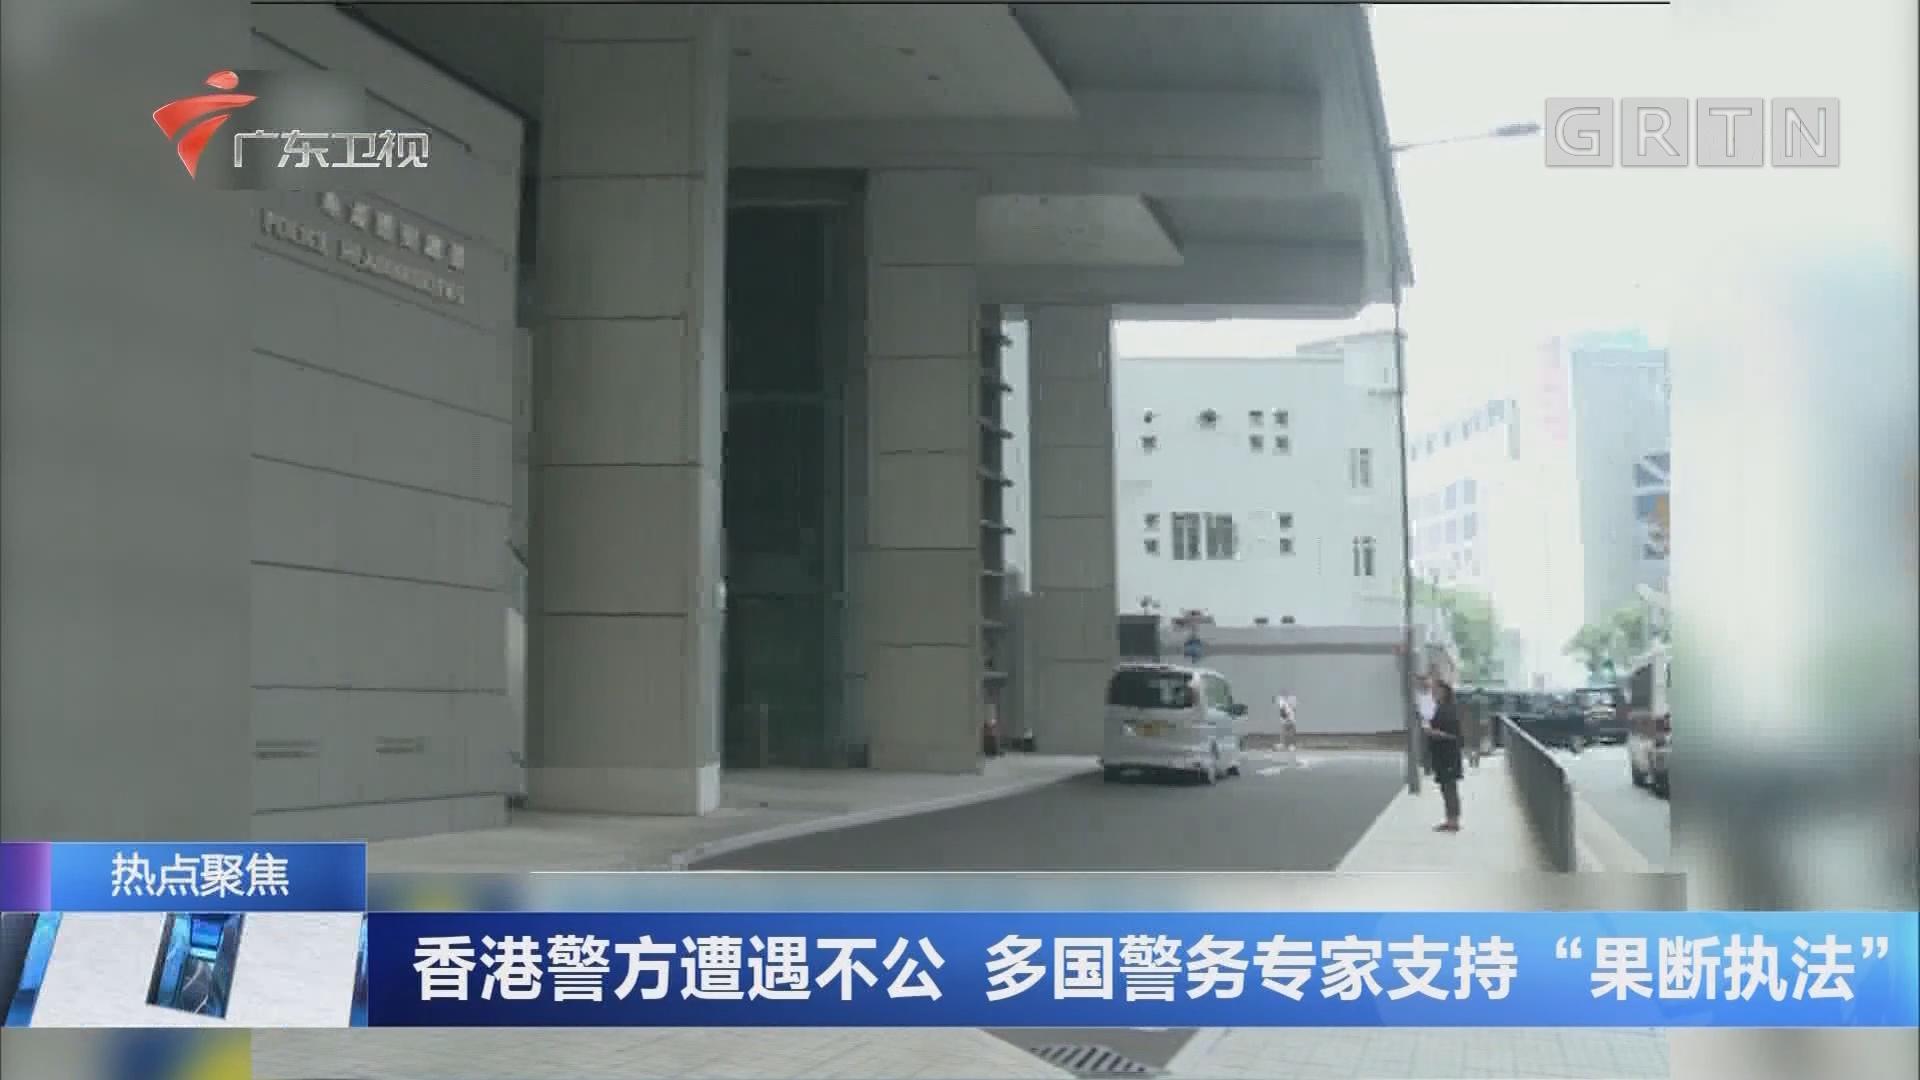 """香港警方遭遇不公 多国警务专家支持""""果断执法"""""""